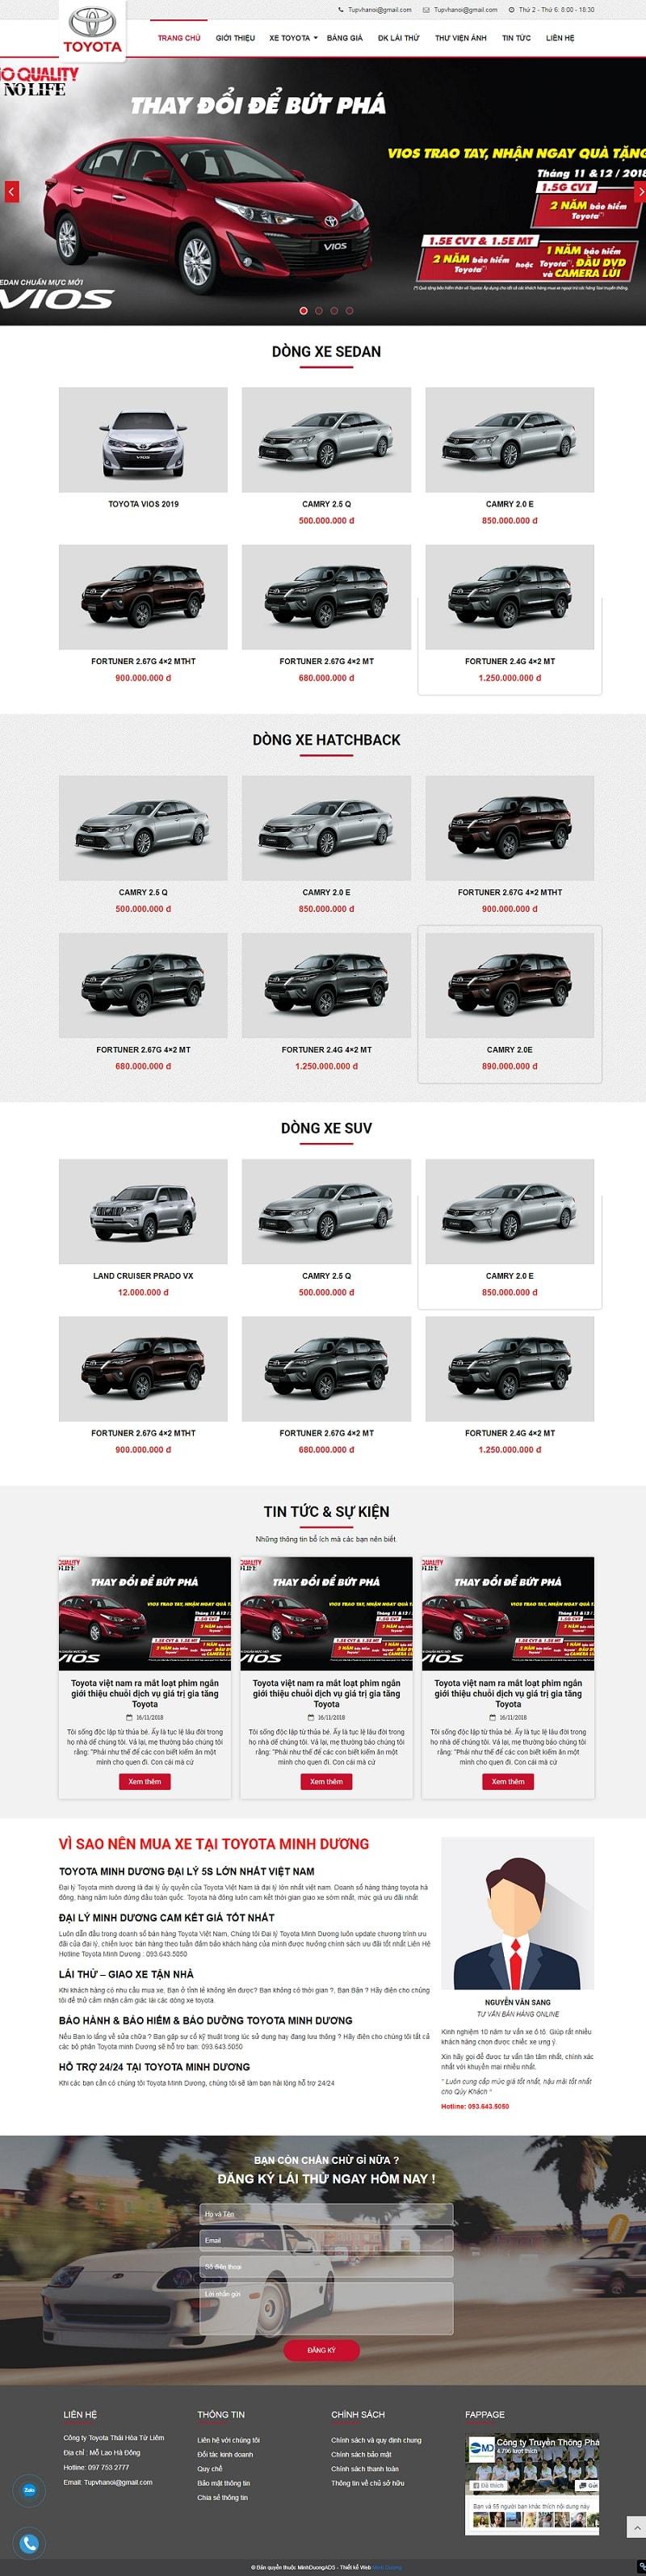 Thiết kế website bán ô tô Toyota chuyên nghiệp giá rẻ